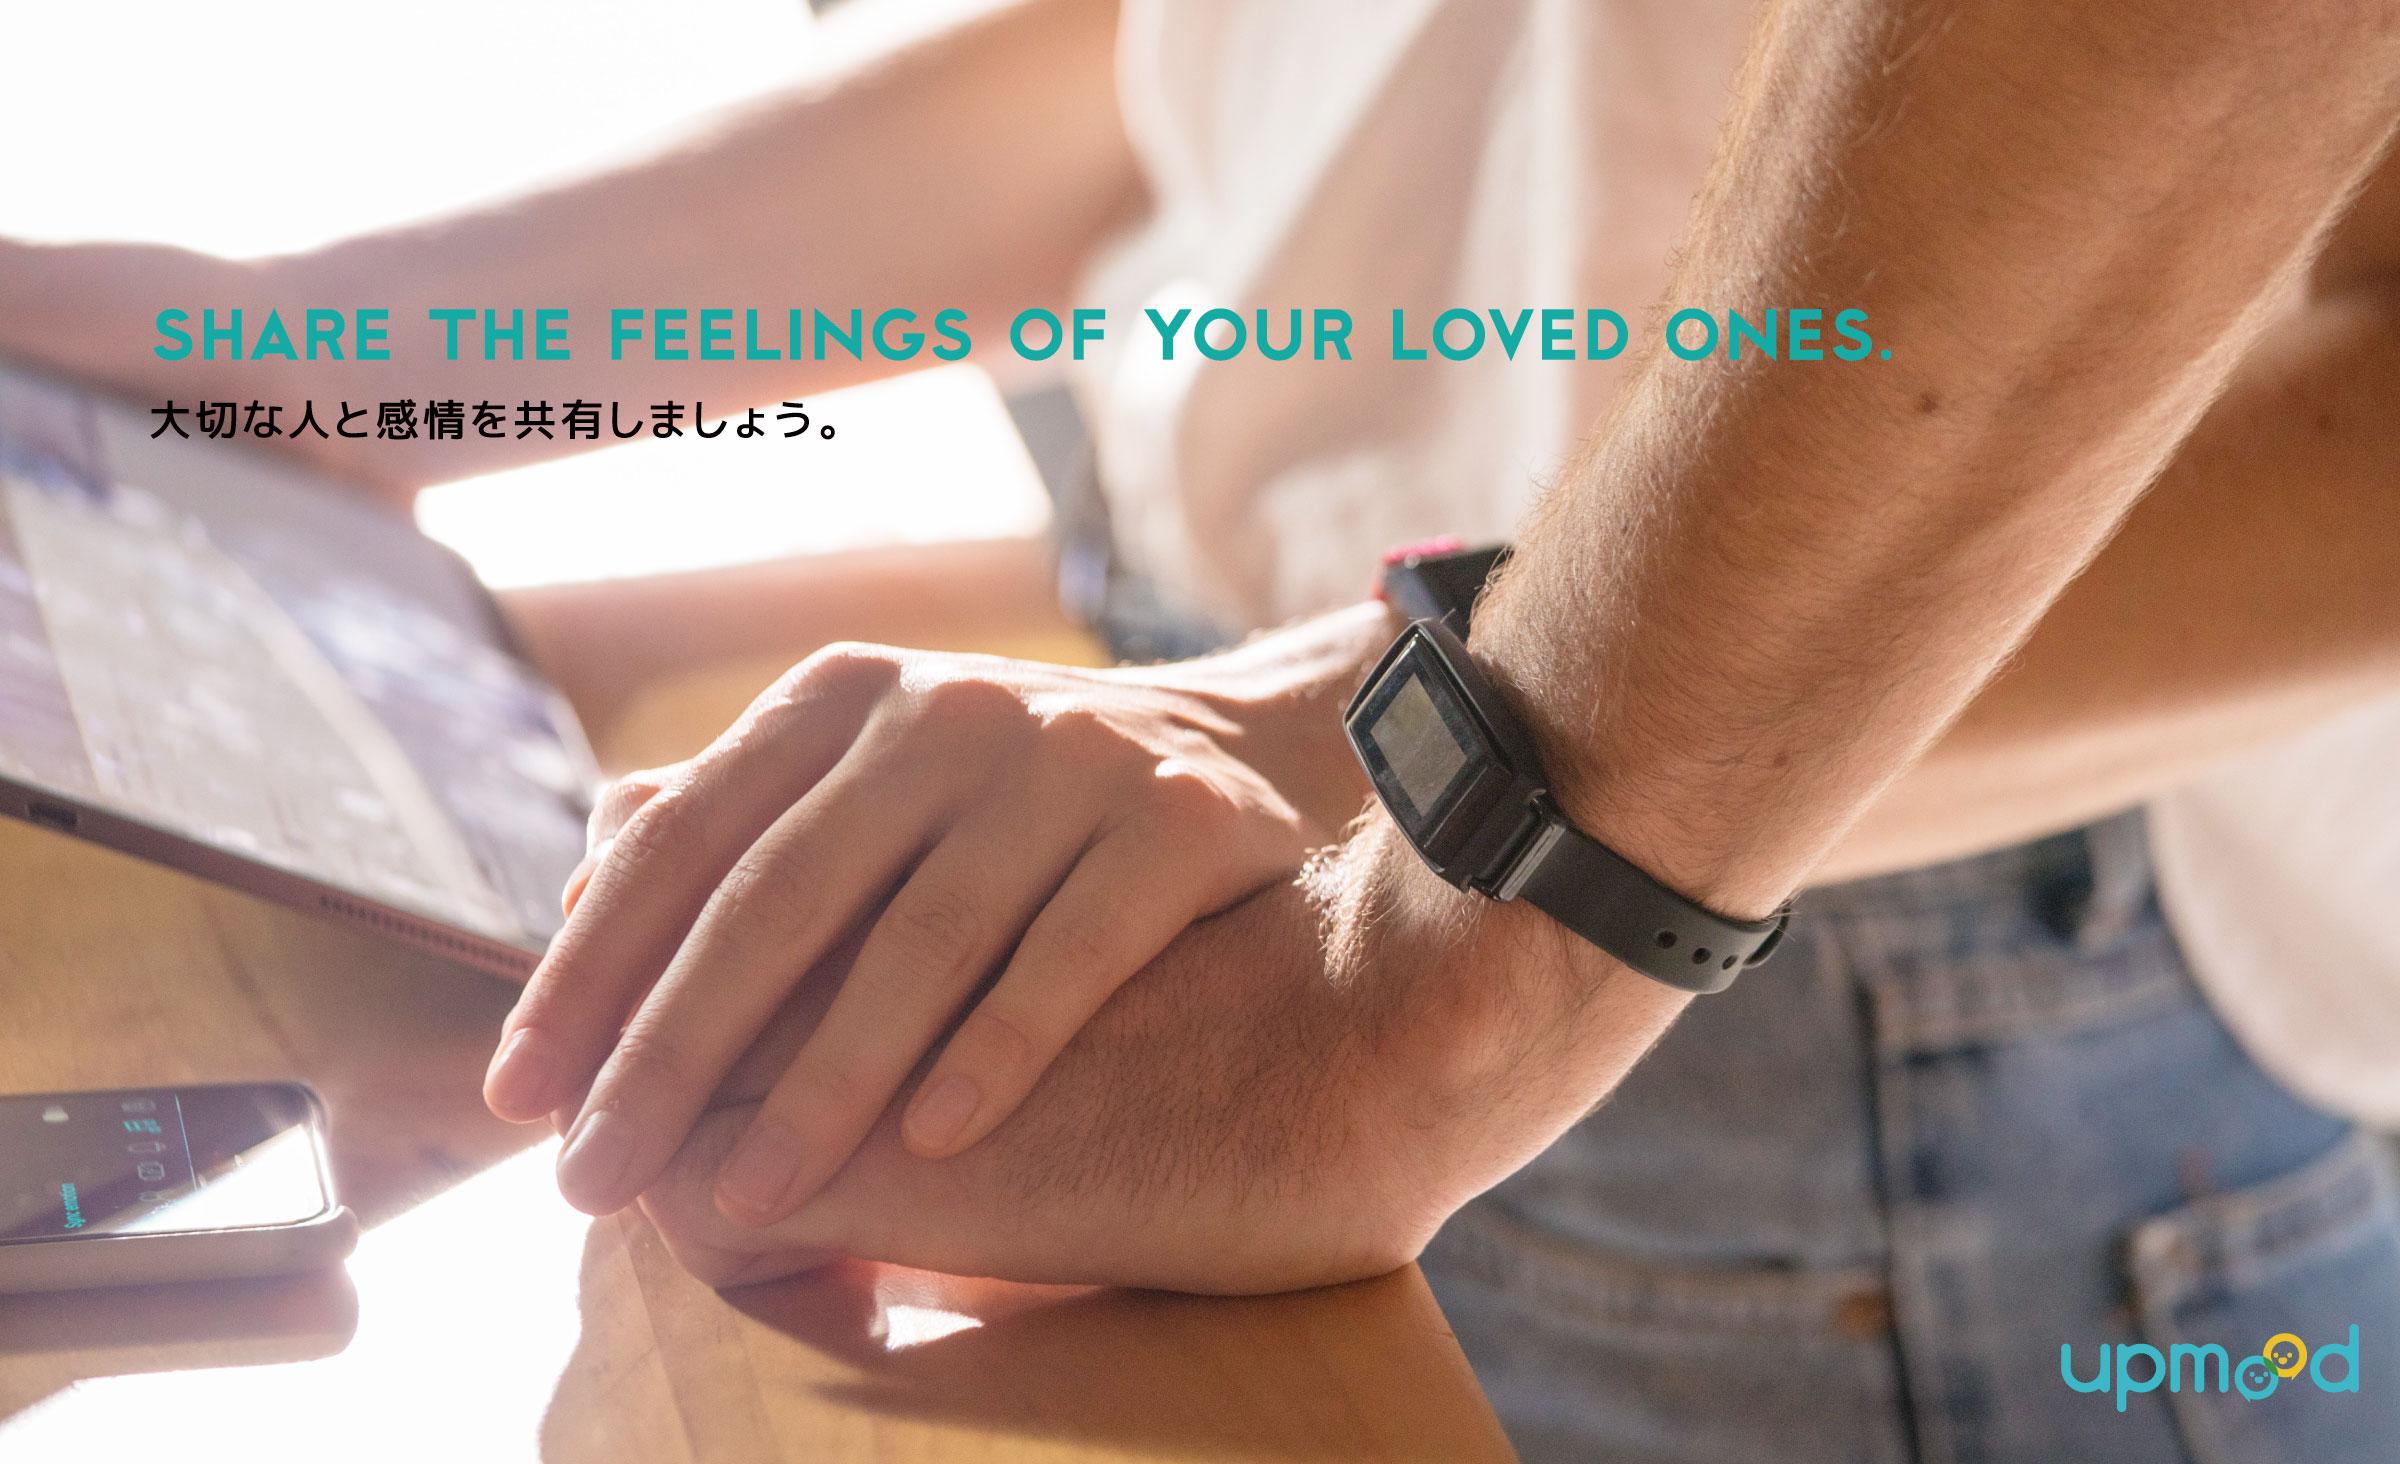 大切な人と感情を共有しましょう。